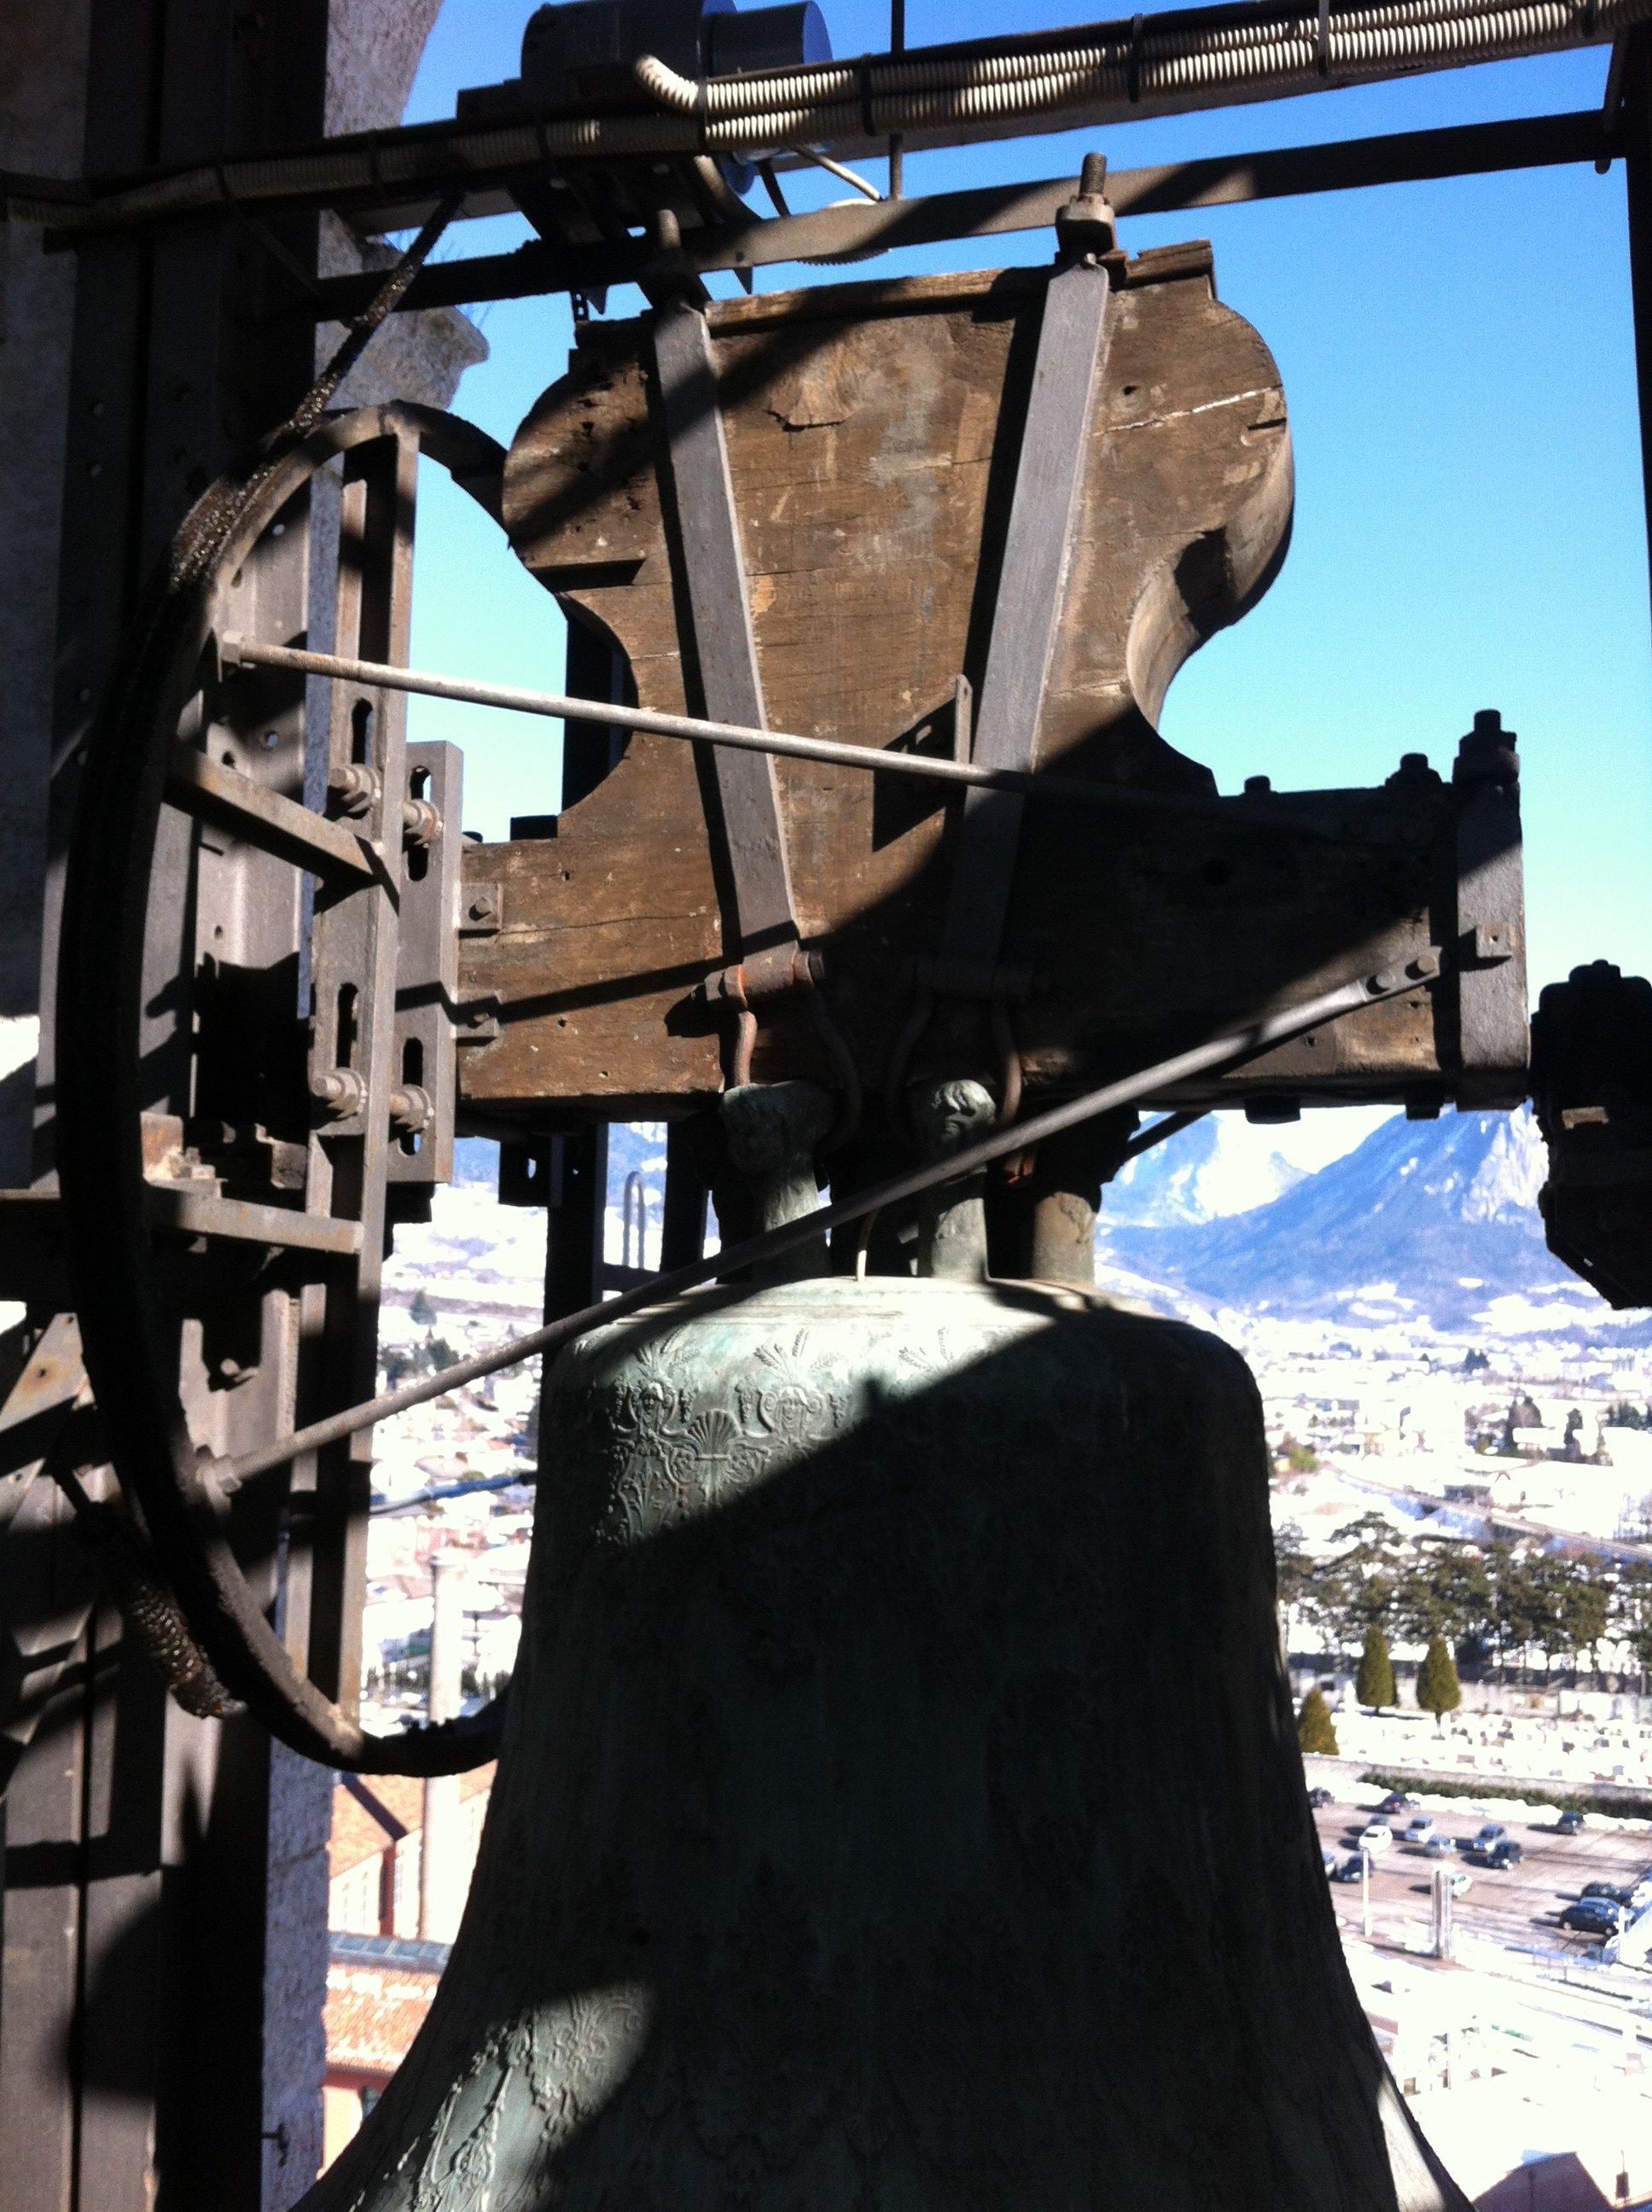 campana in una torre